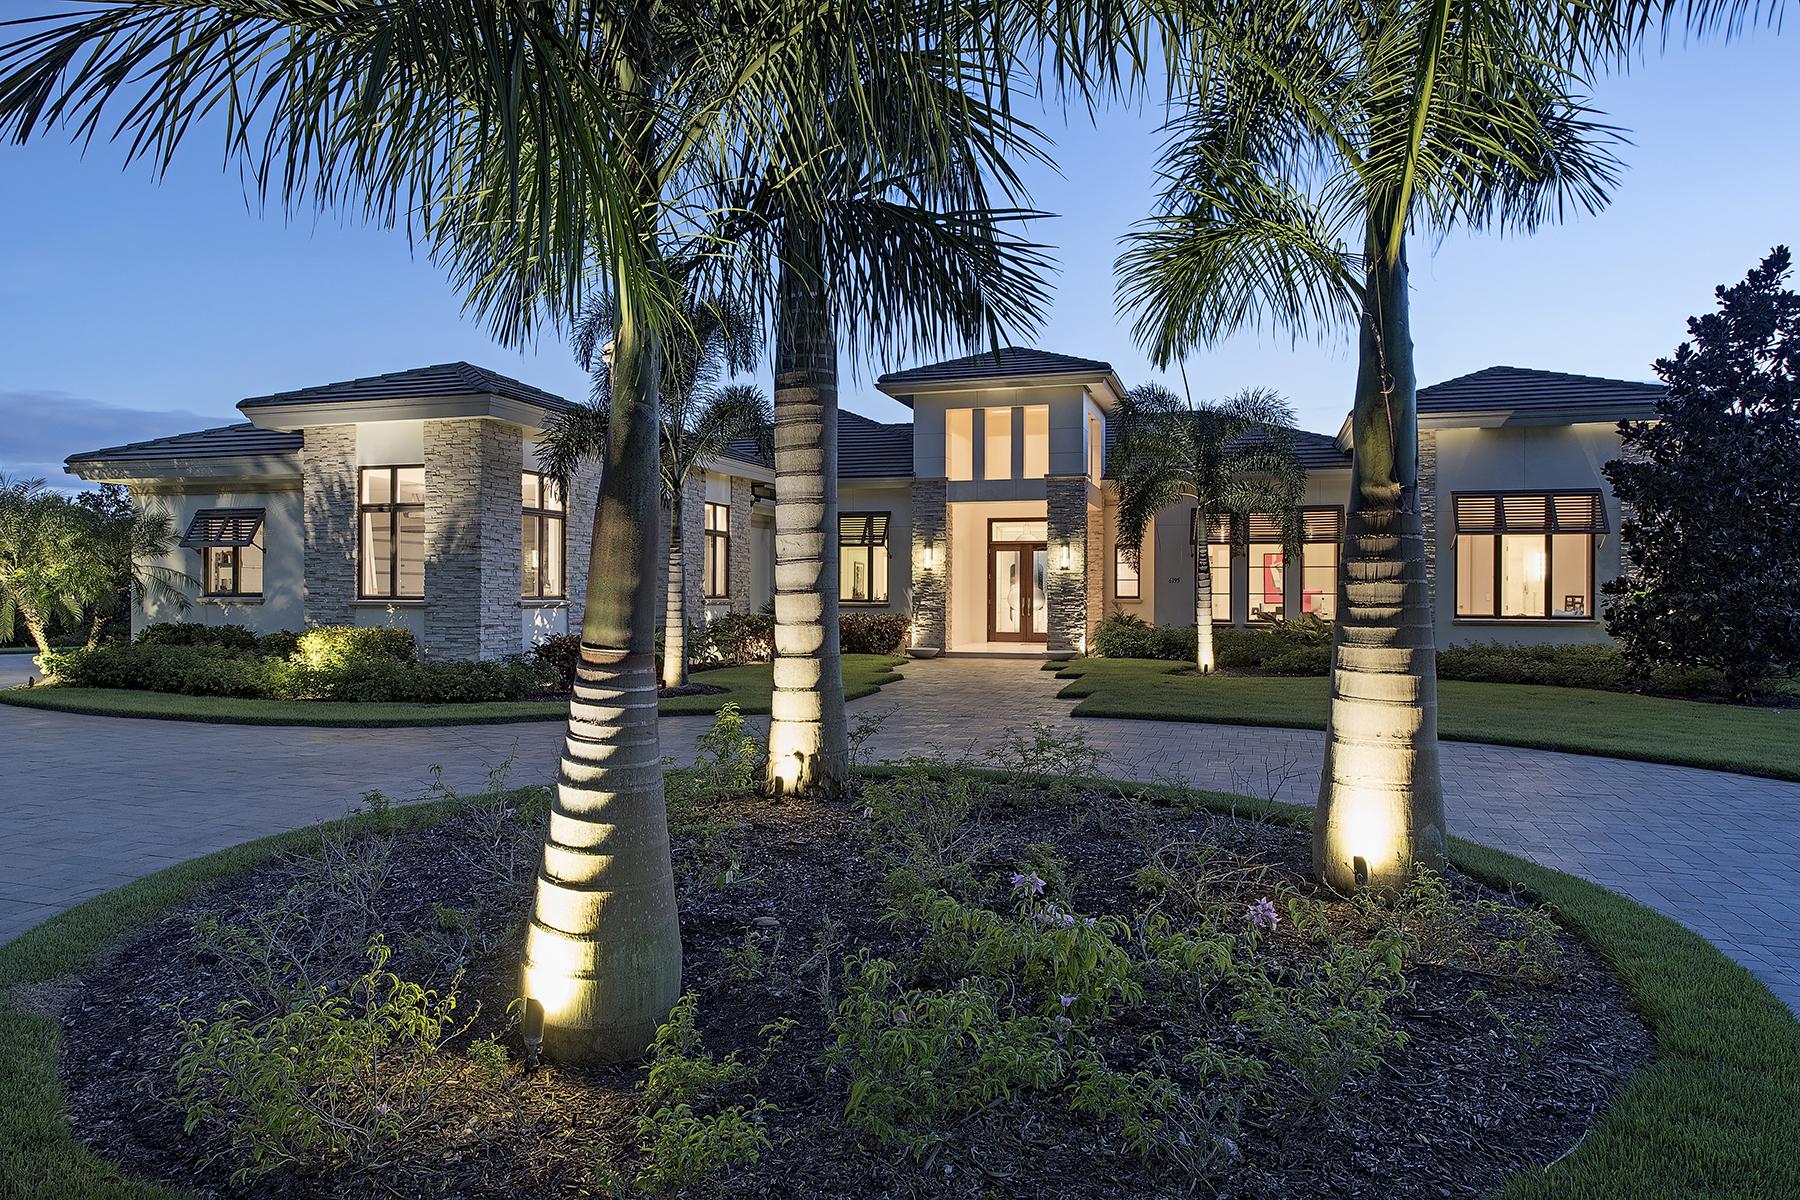 一戸建て のために 売買 アット QUAIL WEST 6195 Highcroft Dr Naples, フロリダ 34119 アメリカ合衆国